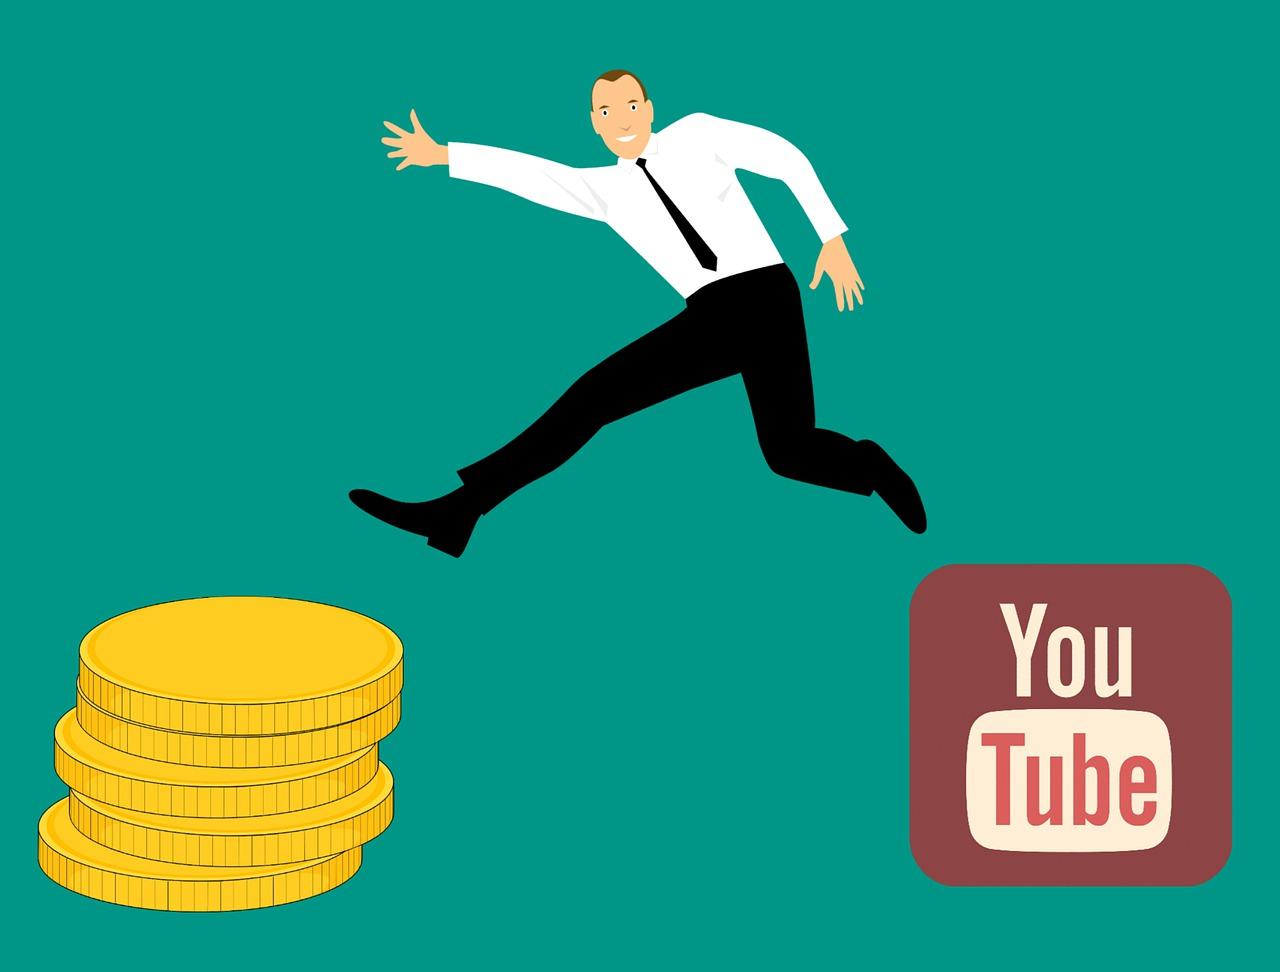 公務員の副業ユーチューバー(YouTuber)はばれてはいけない!